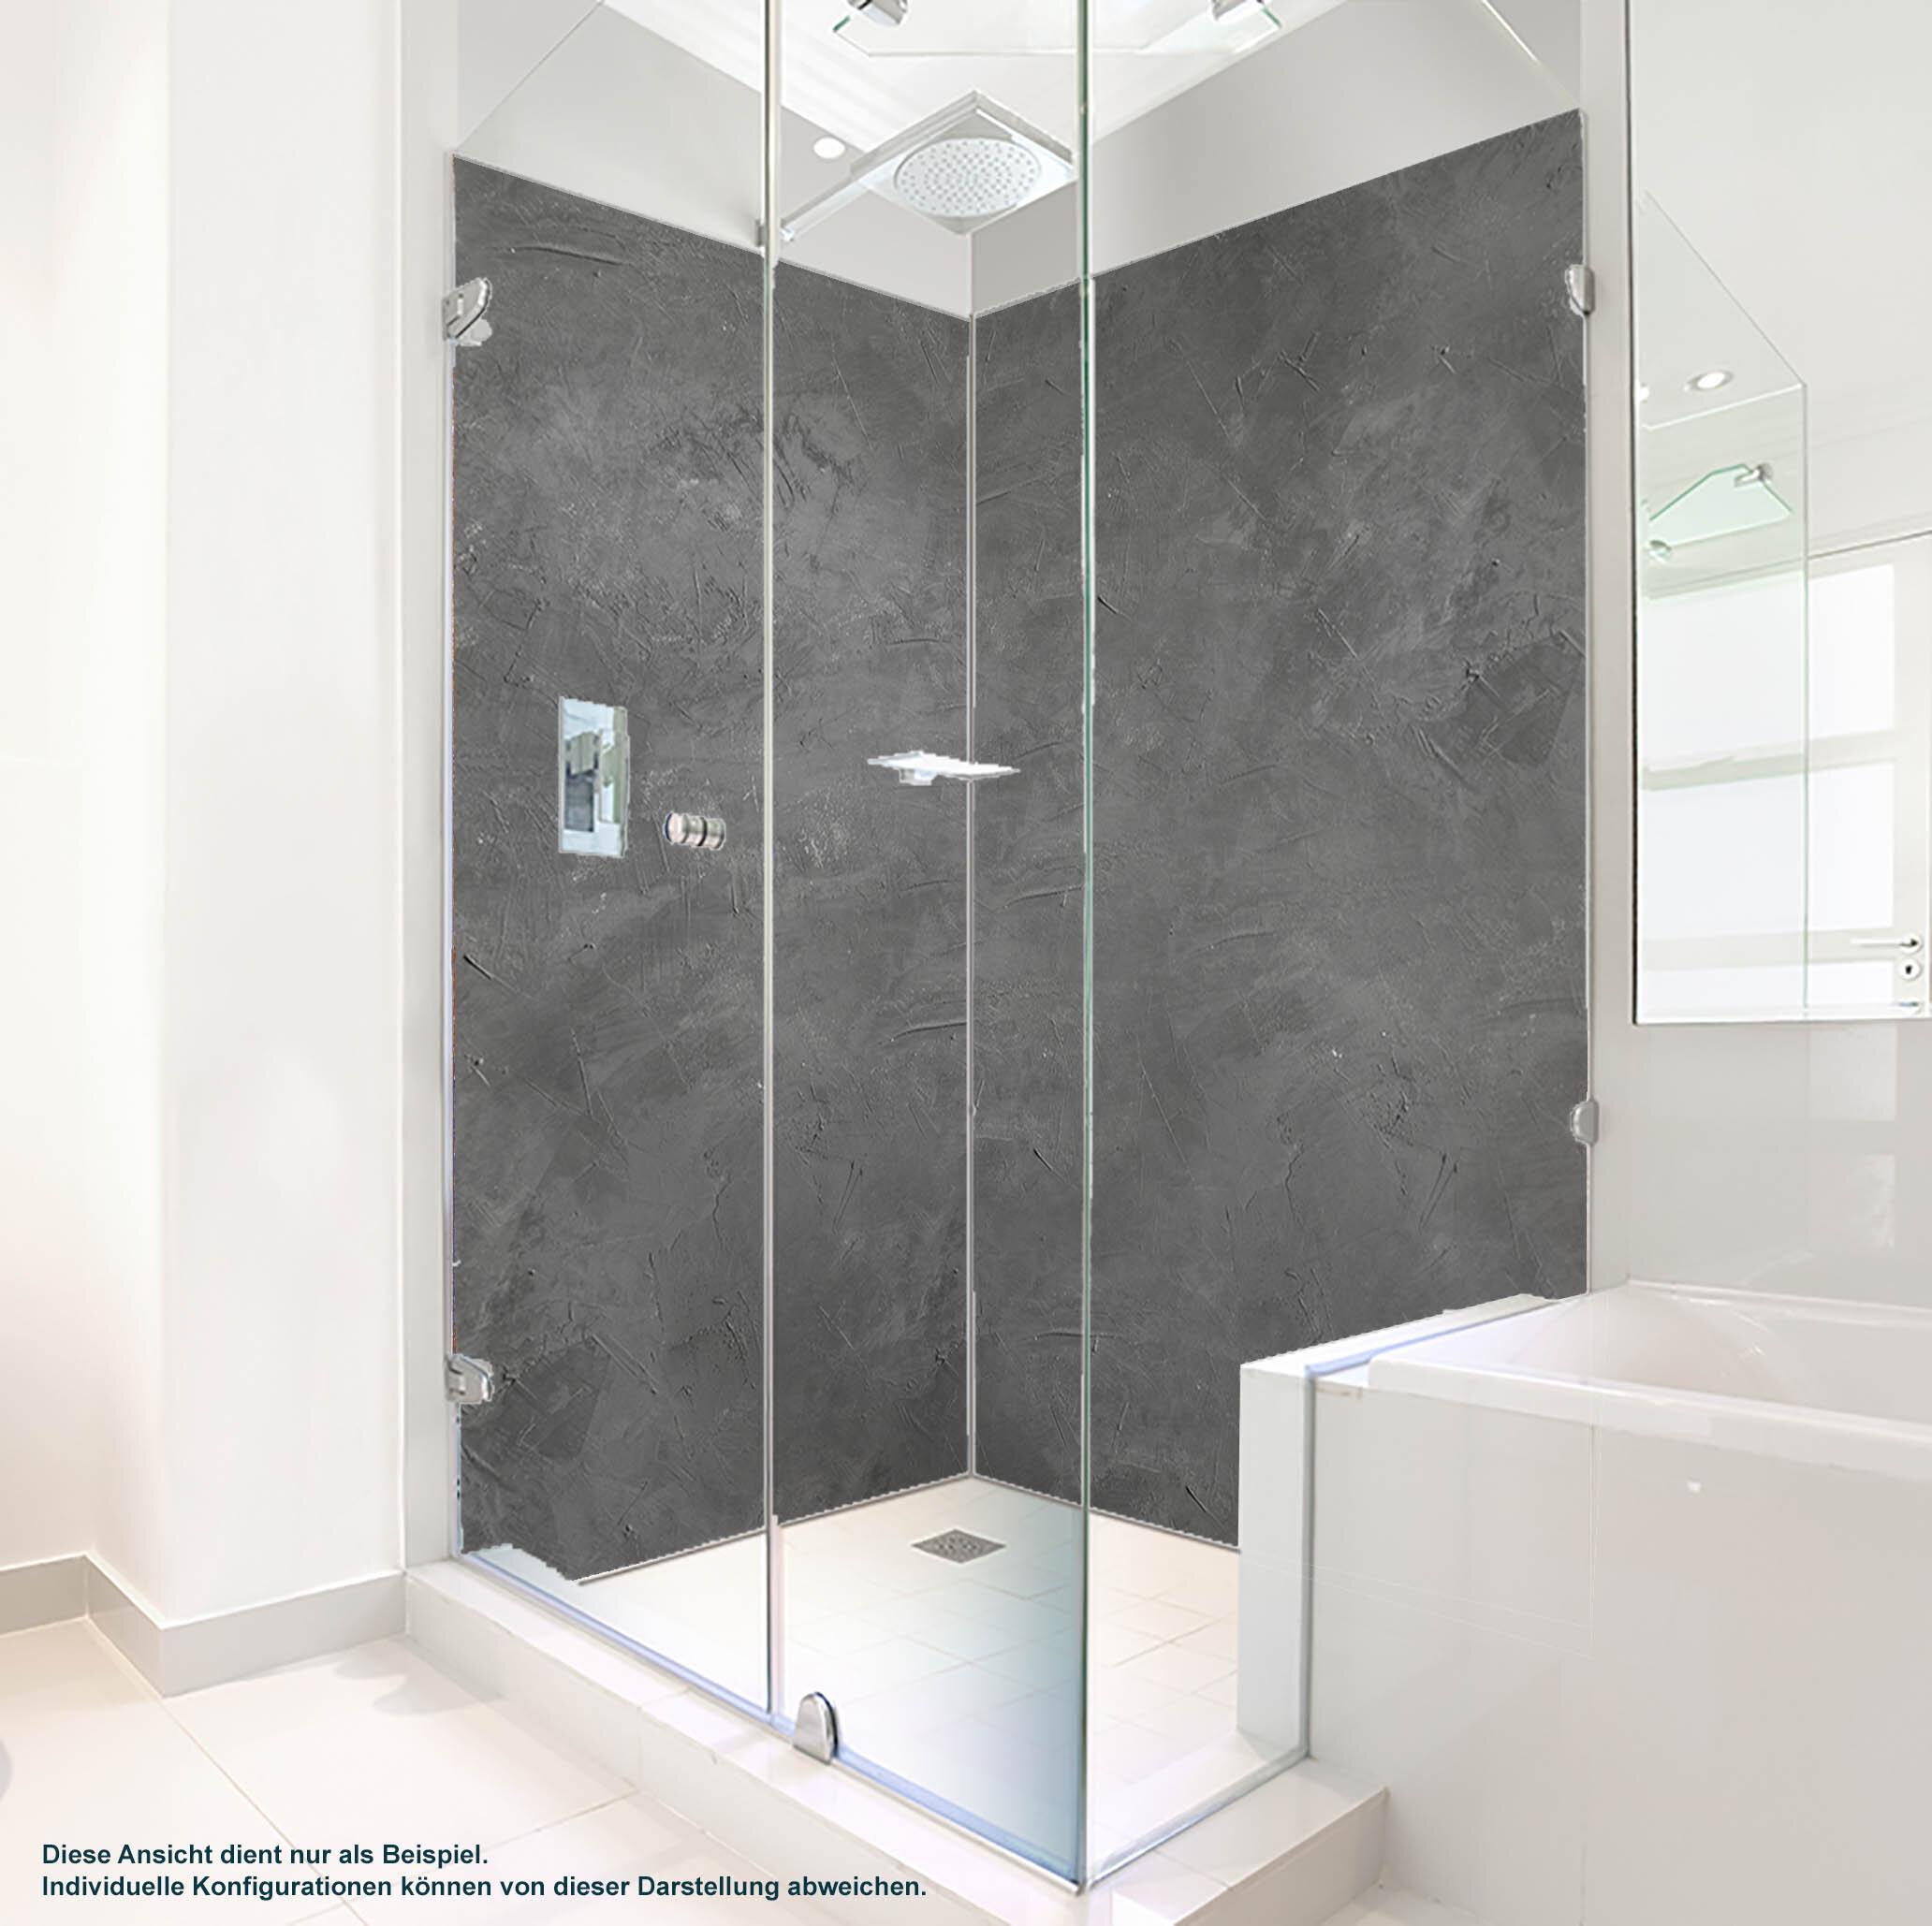 Dusche PlateART Duschrückwand mit Motiv Beton Grau Rohputz